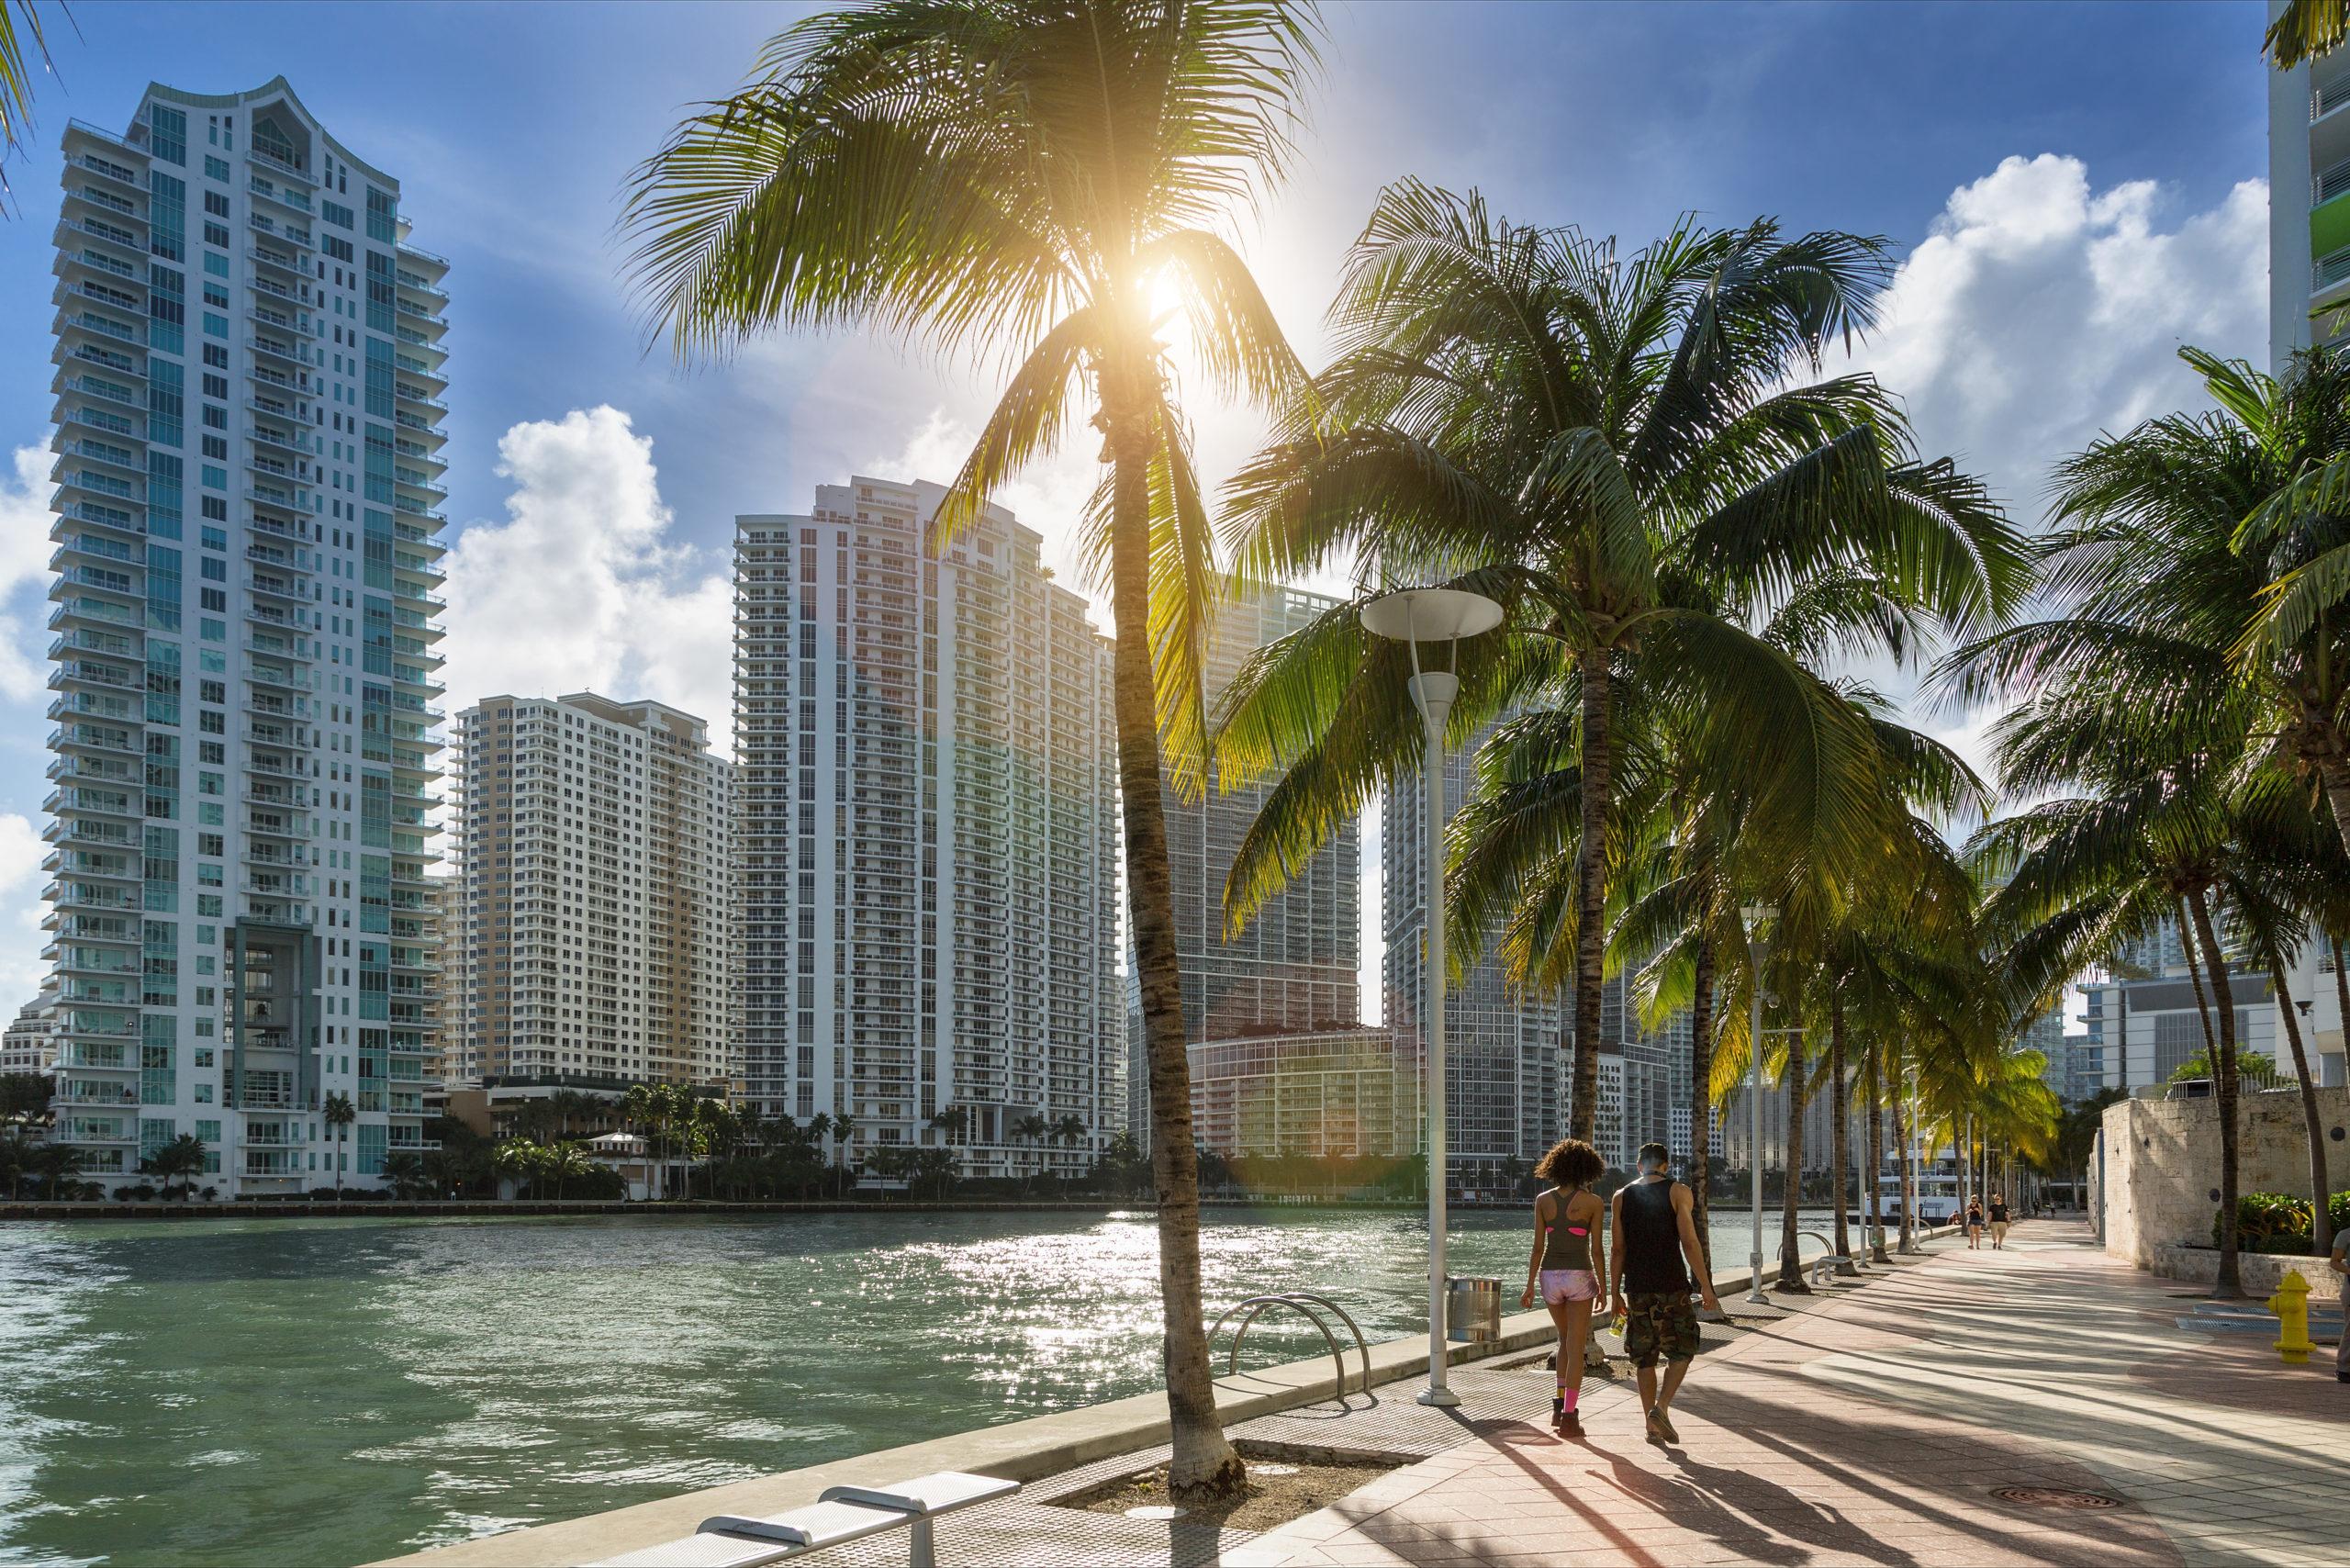 Miami, Florida, Snowbirds